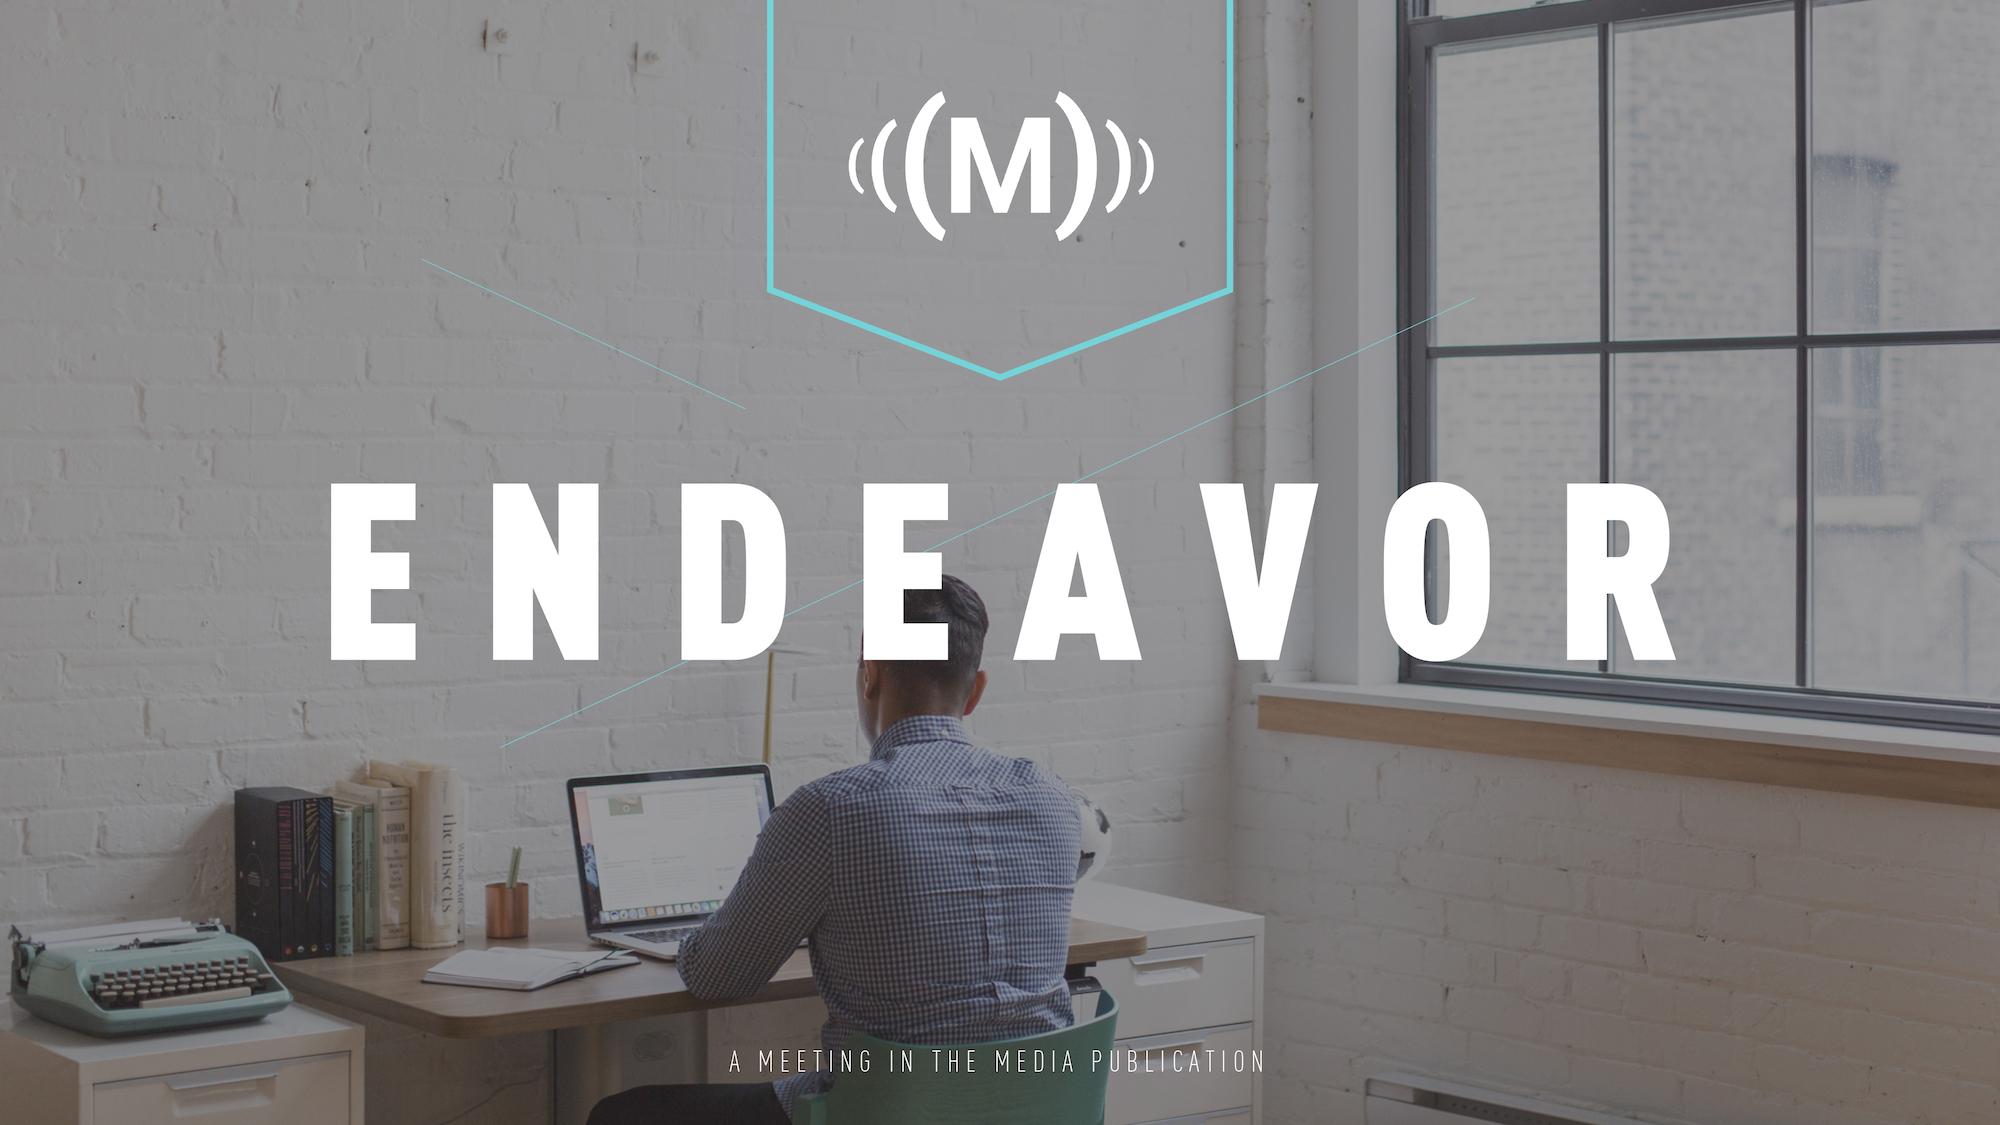 Endeavor_Digital-Strategy_Honey_v2-1.jpg